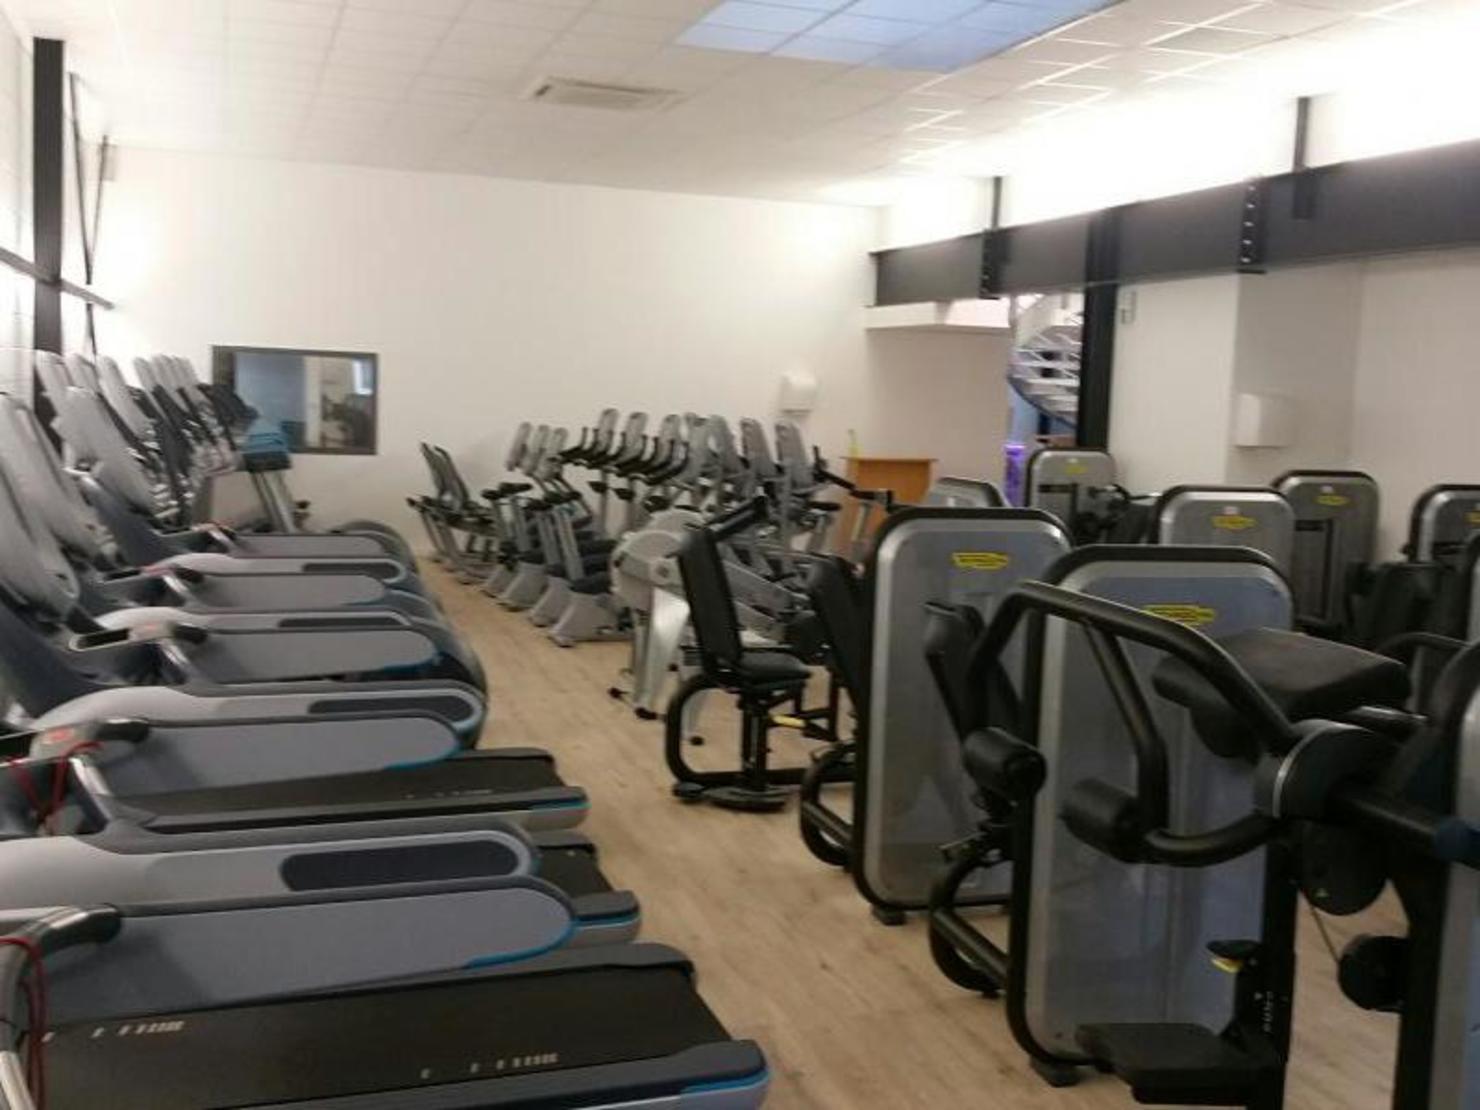 Club energie orl ans tarifs avis horaires offre d couverte - Salle de sport porte d orleans ...